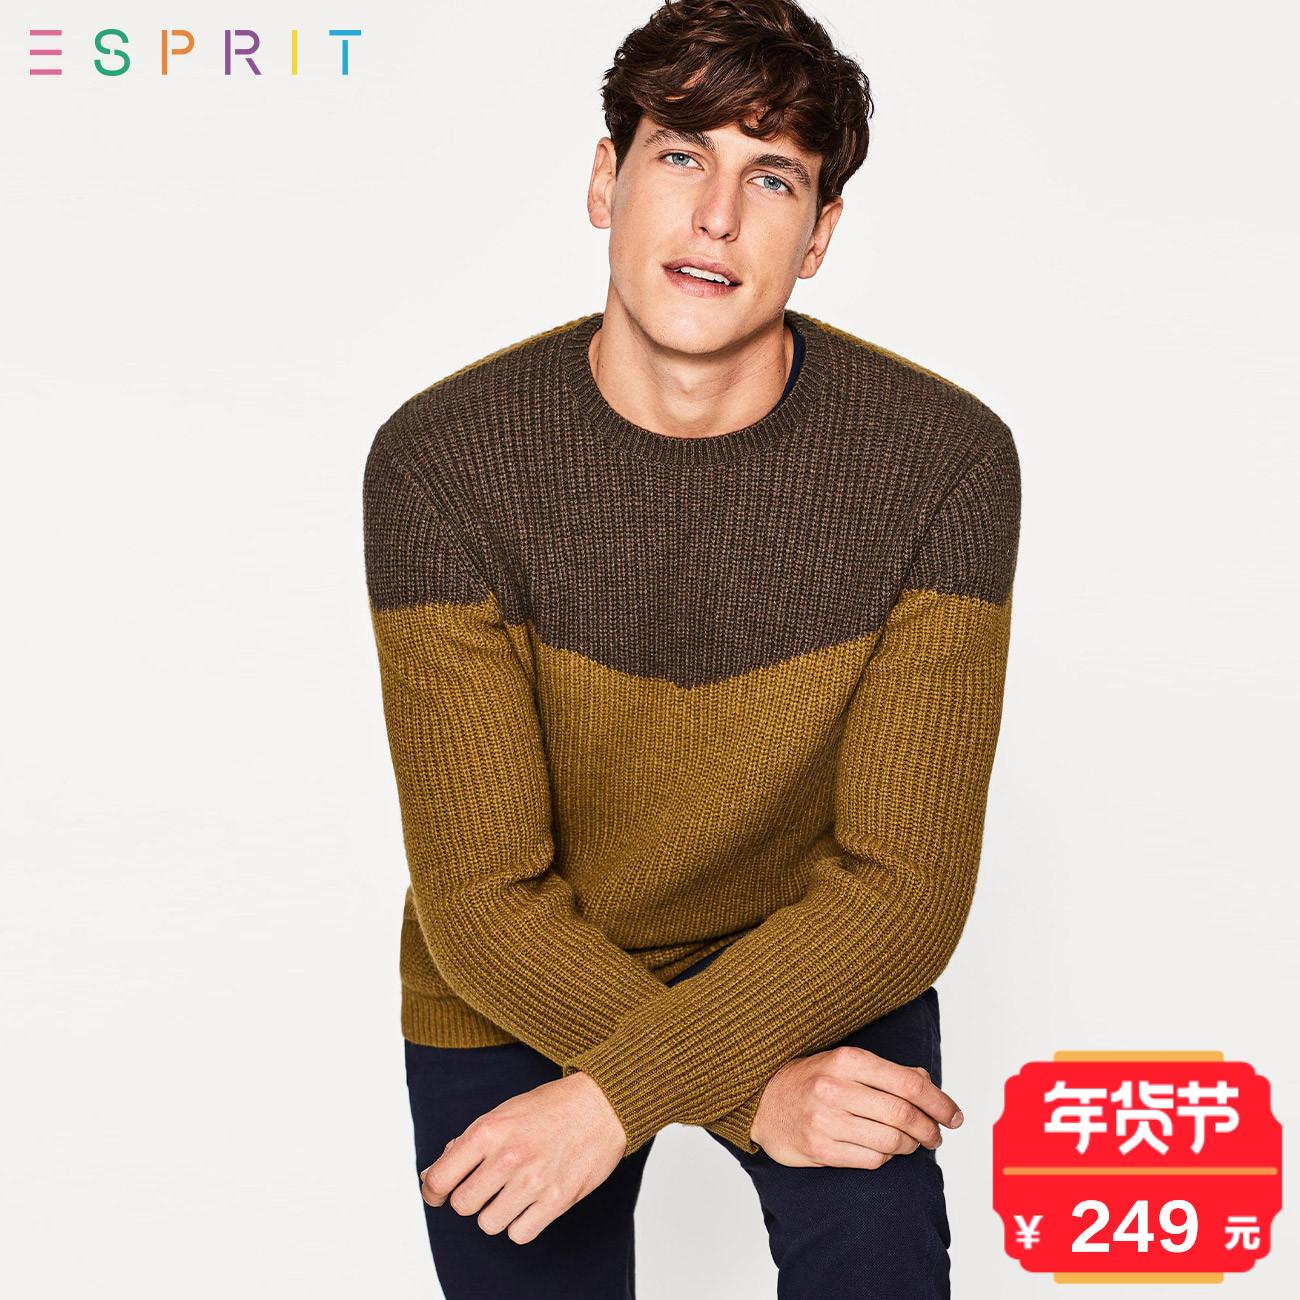 ESPRIT 男装2017冬基本圆领撞色针织套头衫-117EE2I006